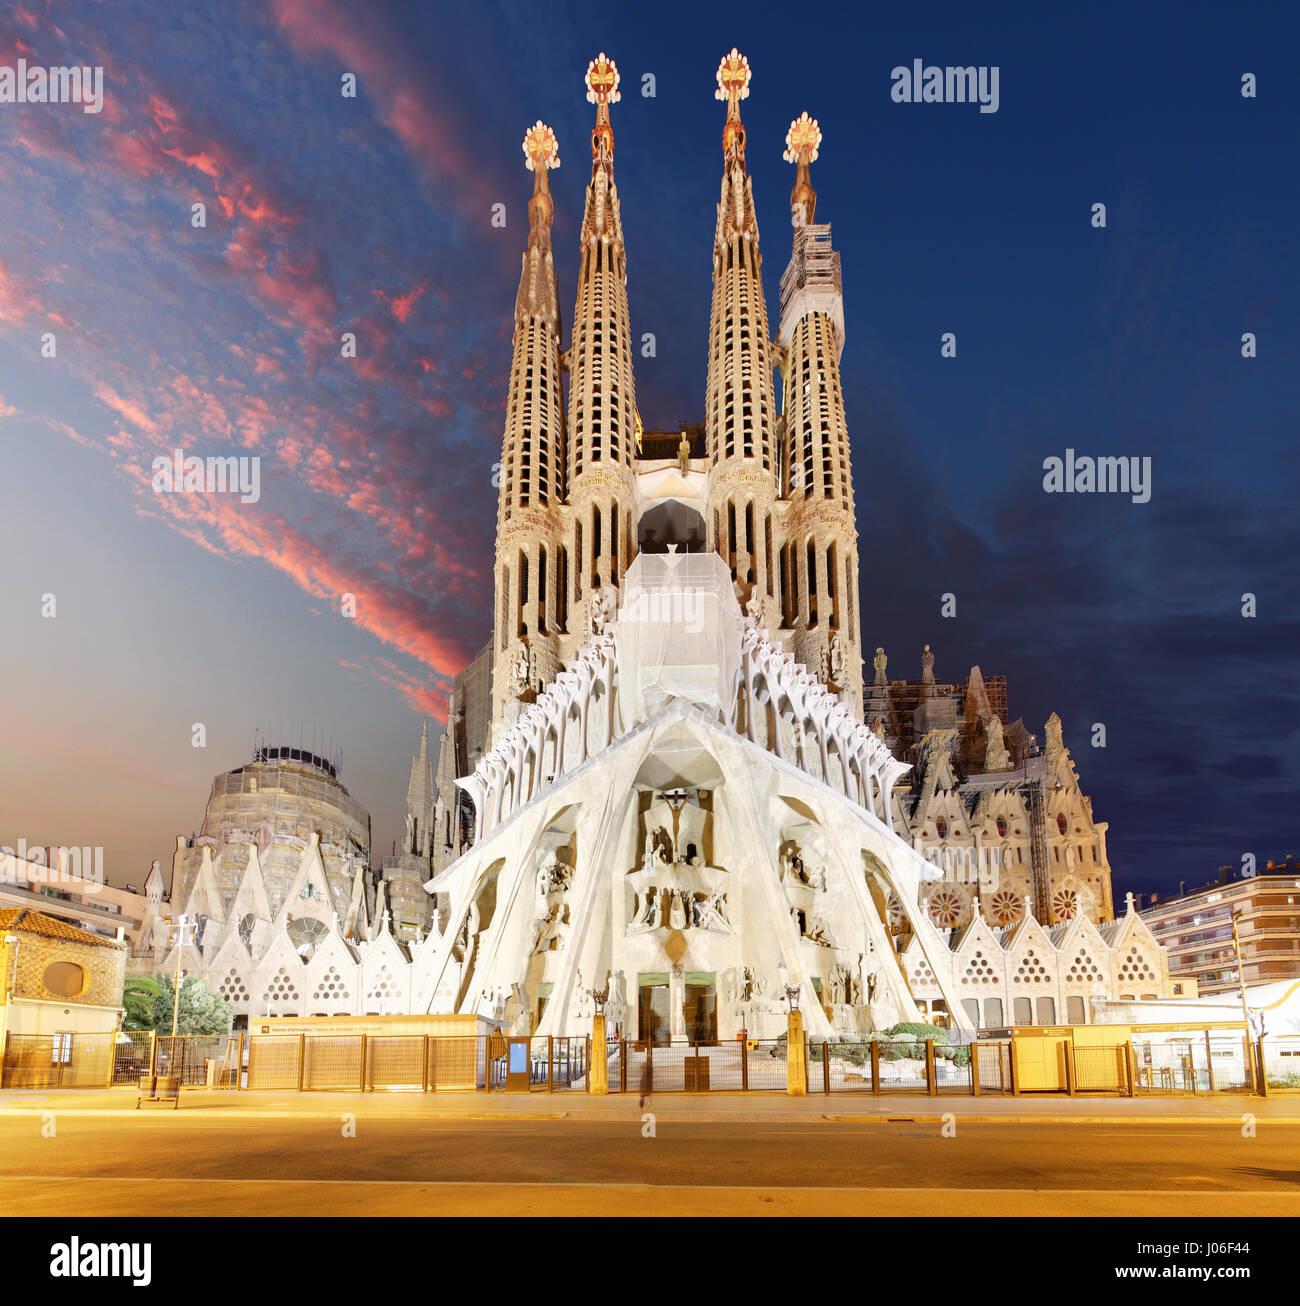 Barcellona, Spagna - 10 febbraio 2016: Sagrada Familia basilica di Barcellona. Le opere di Antoni Gaudì capolavoro Immagini Stock